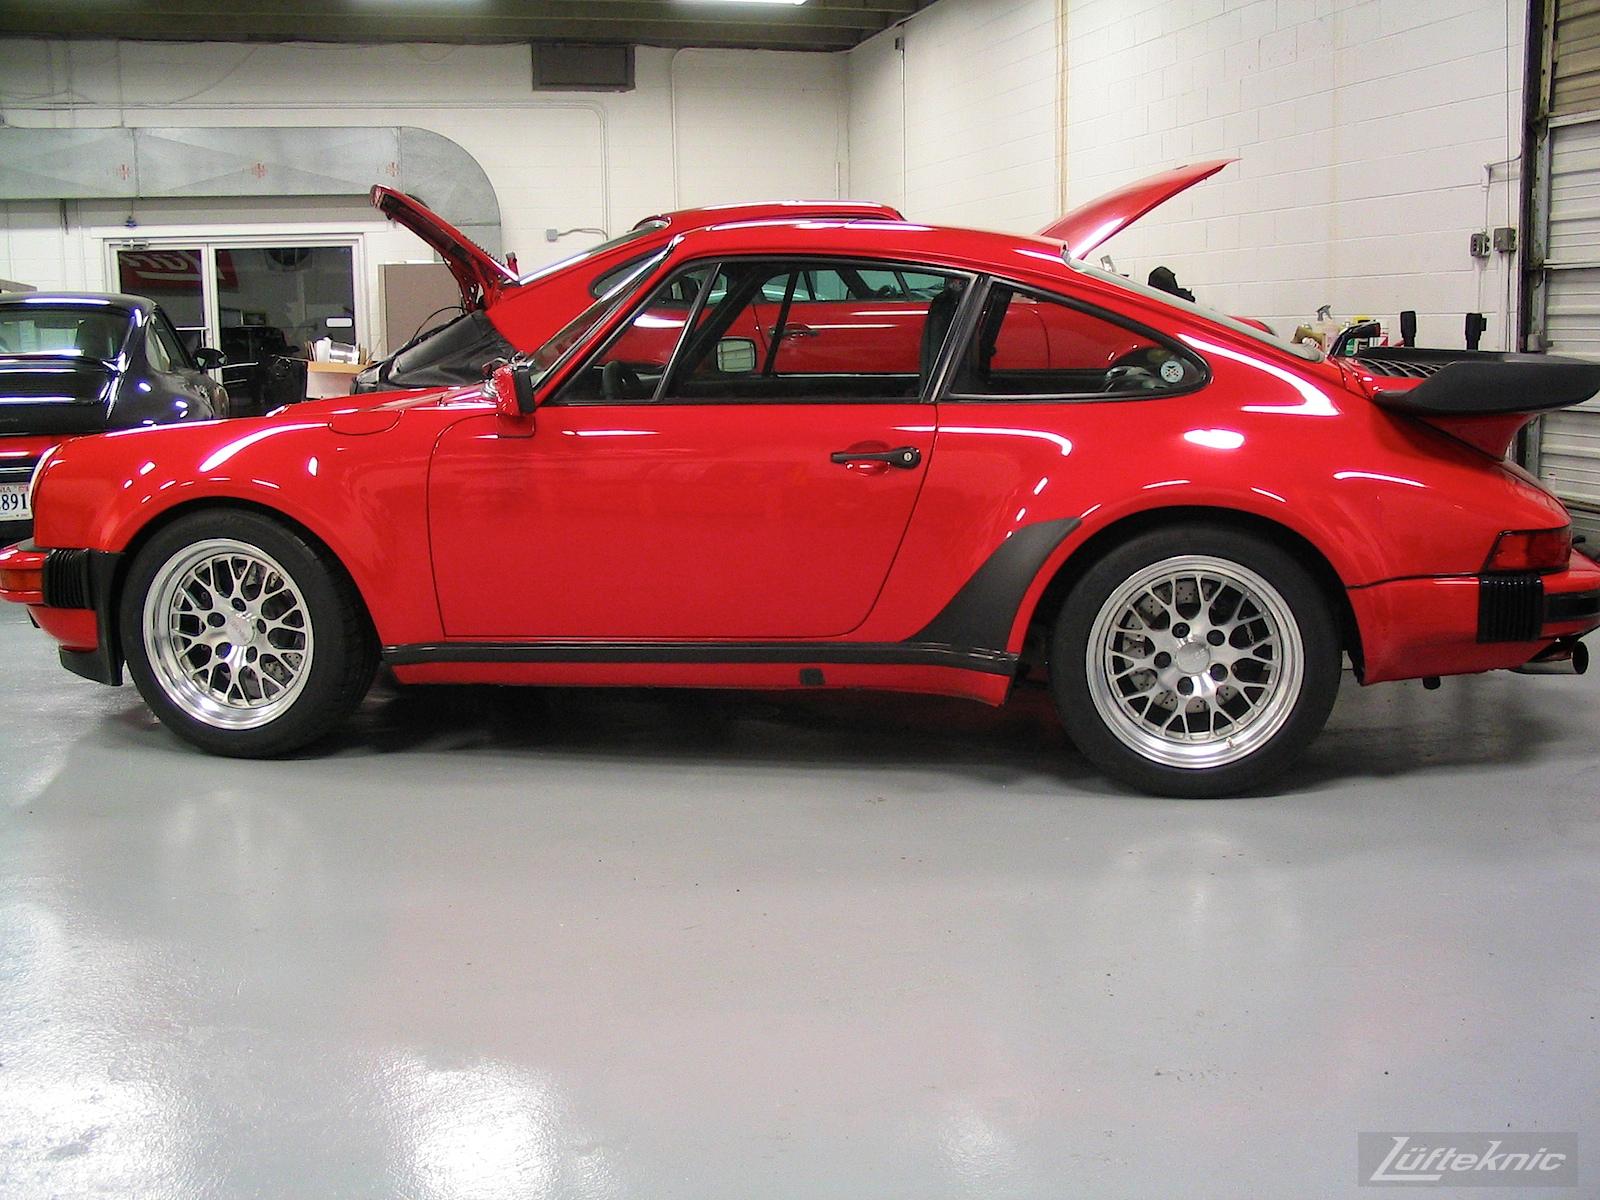 Porsche 930 Turbo on Fikse wheels in the Lufteknic shop.